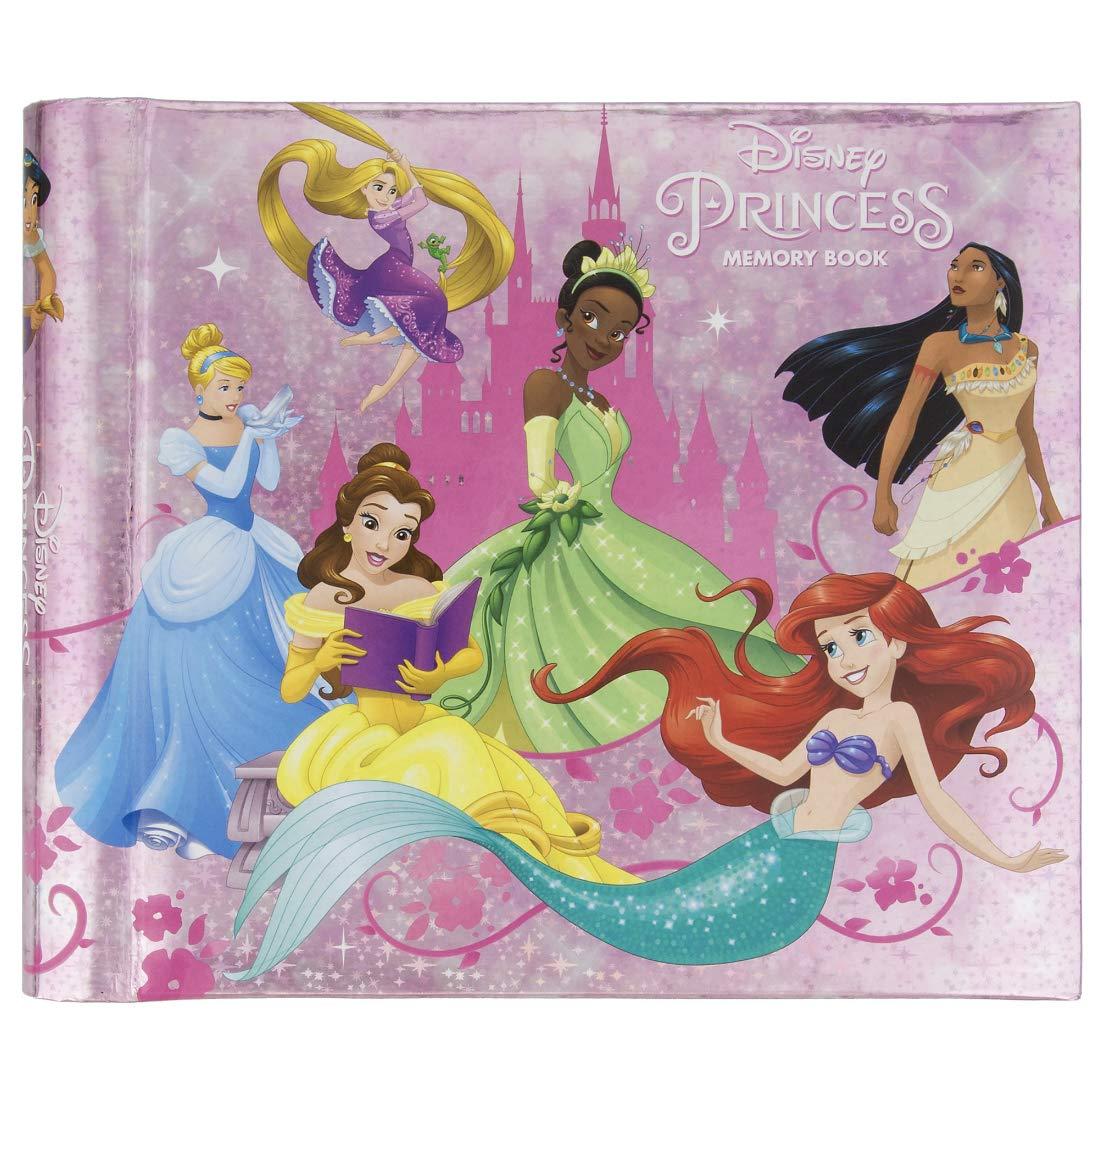 DisneyParks Princess Live Your Dream Memory Autograph Photo Book by DisneyParks